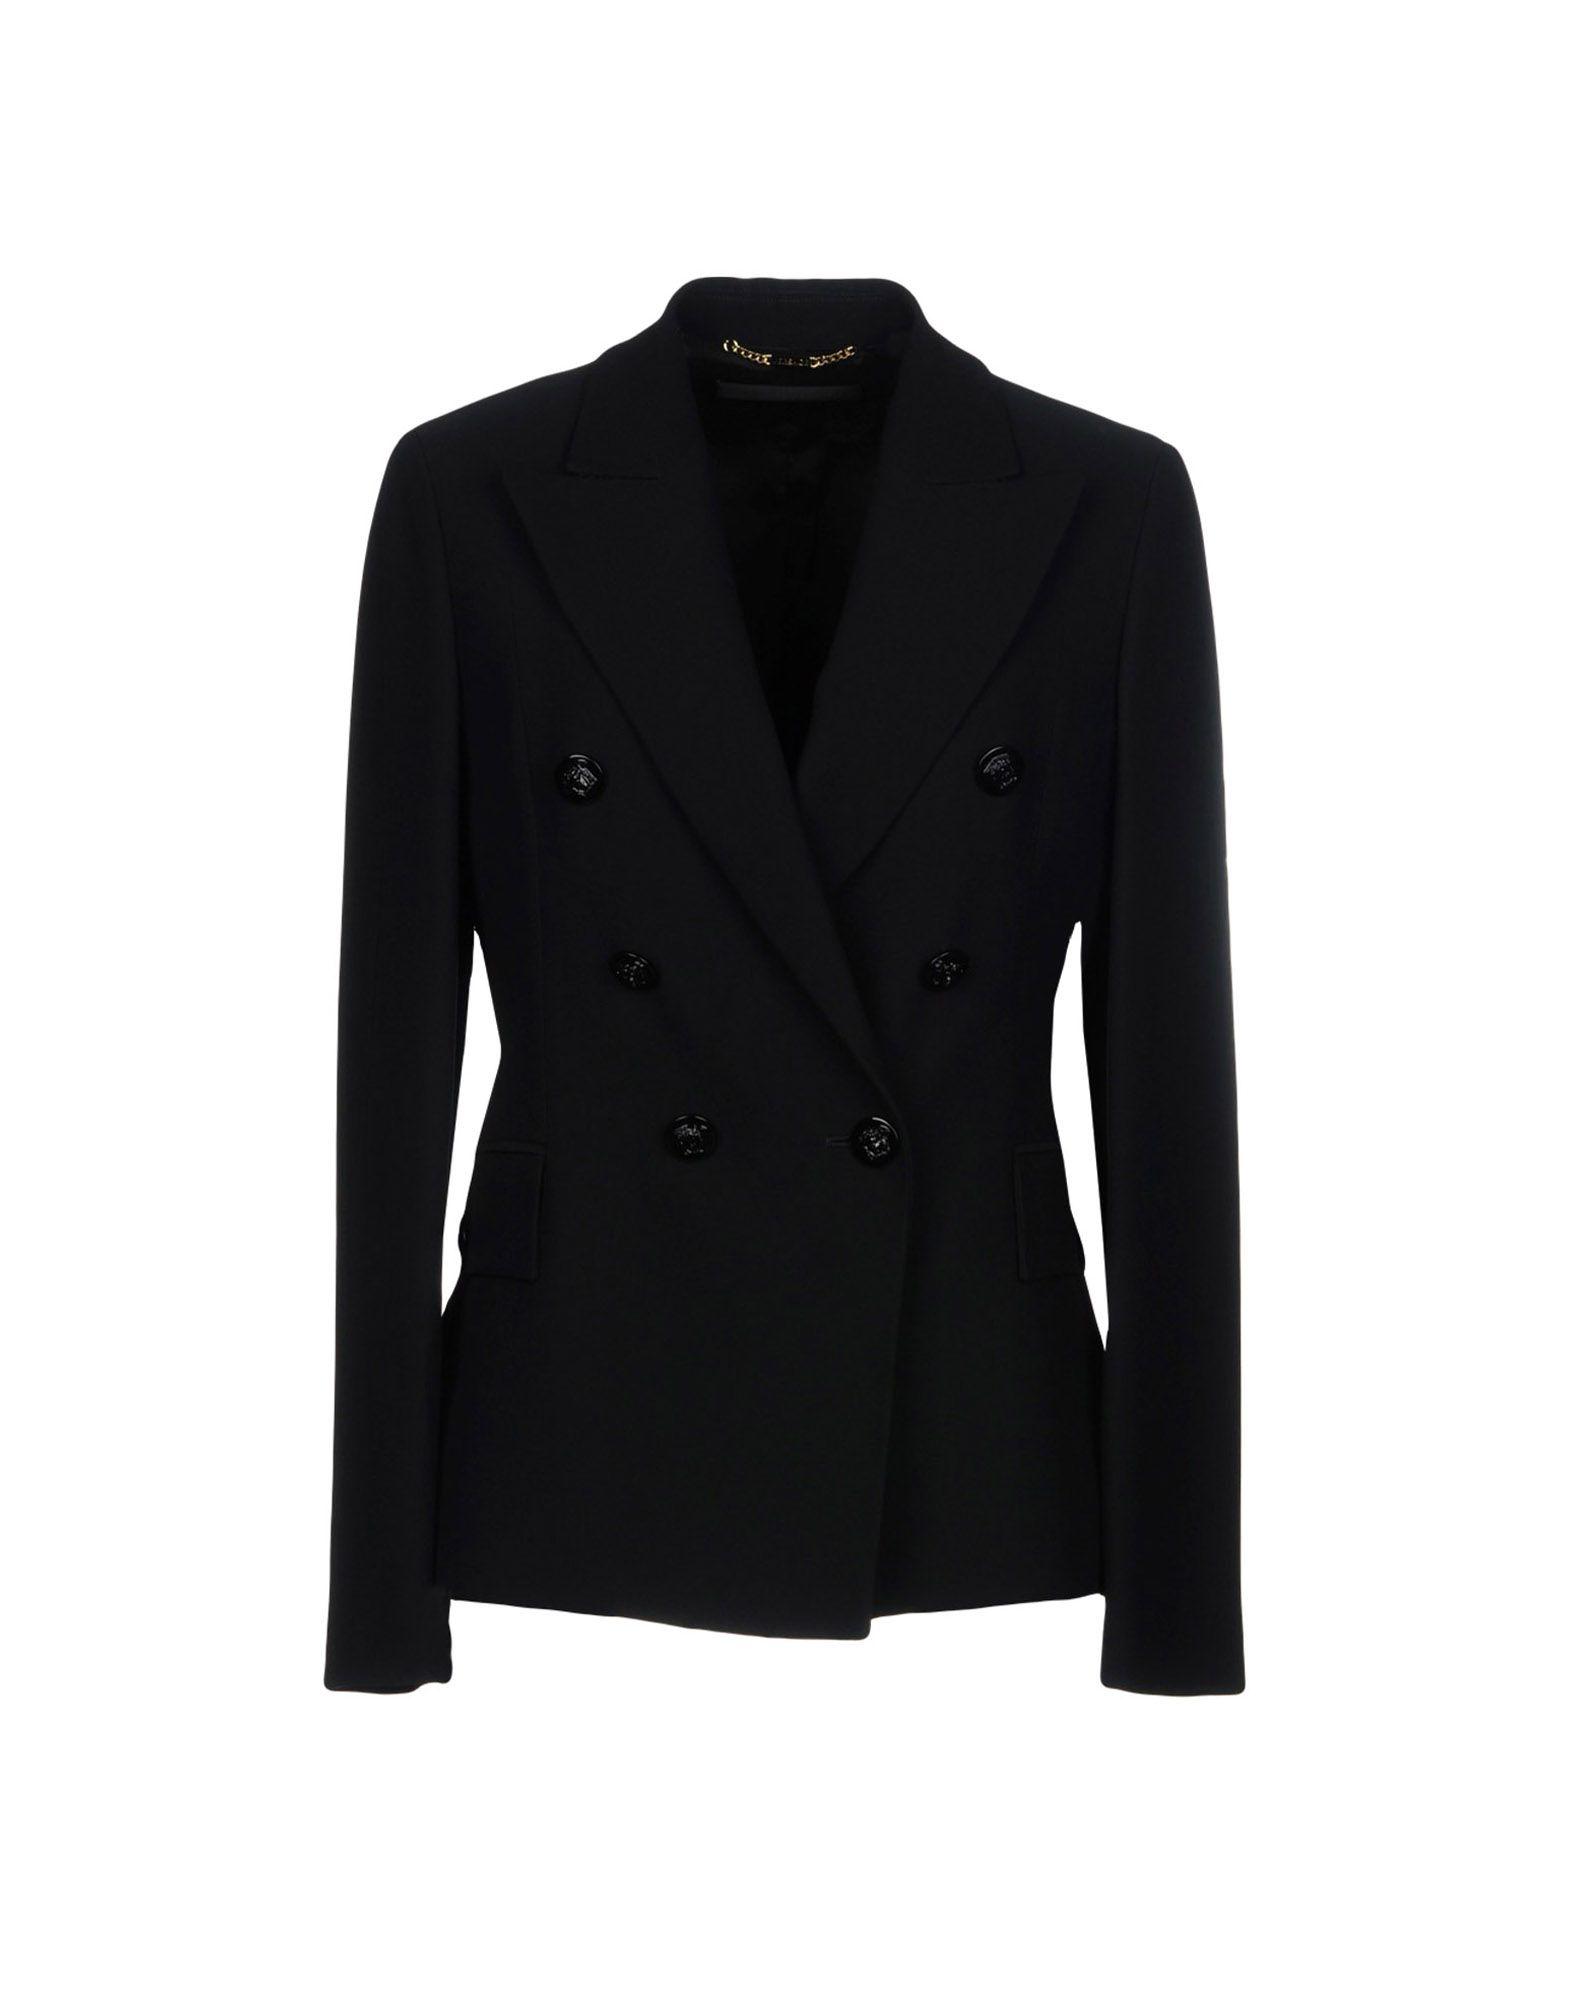 Giacca Versace Donna - Acquista online su 03pvoidU